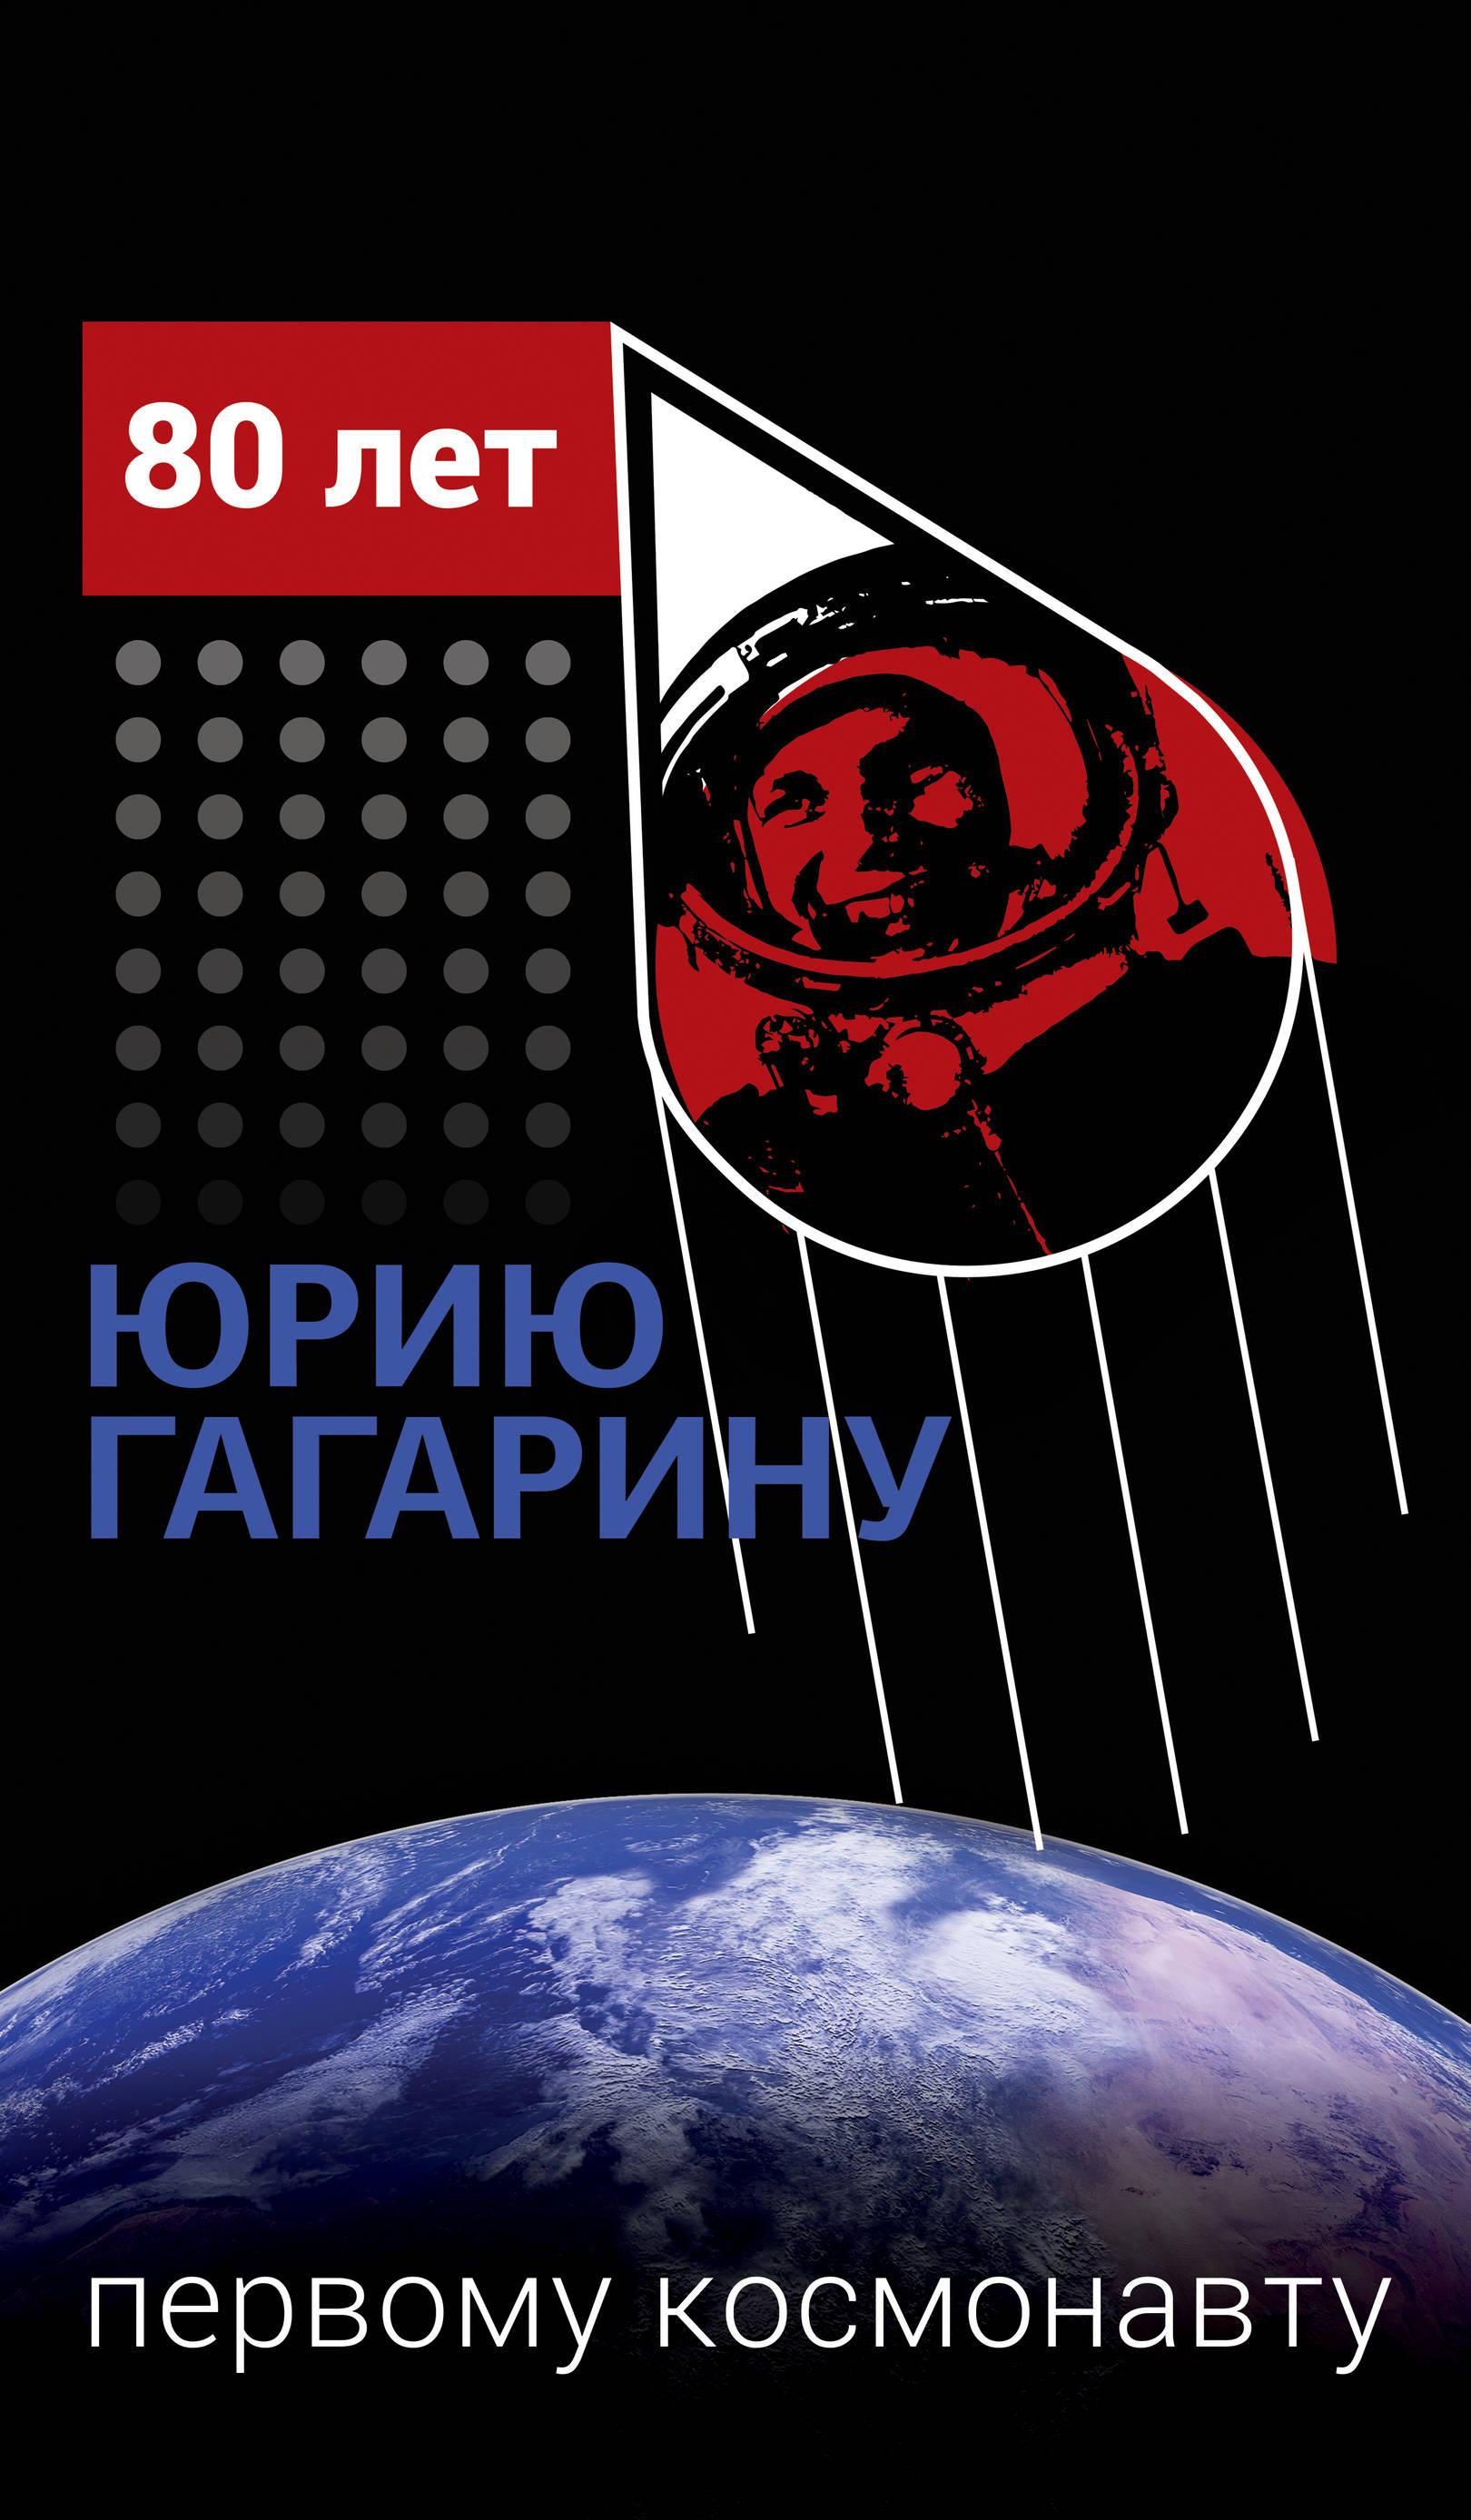 80 лет Юрию Гагарину / 80 years of Yuri Gagarin